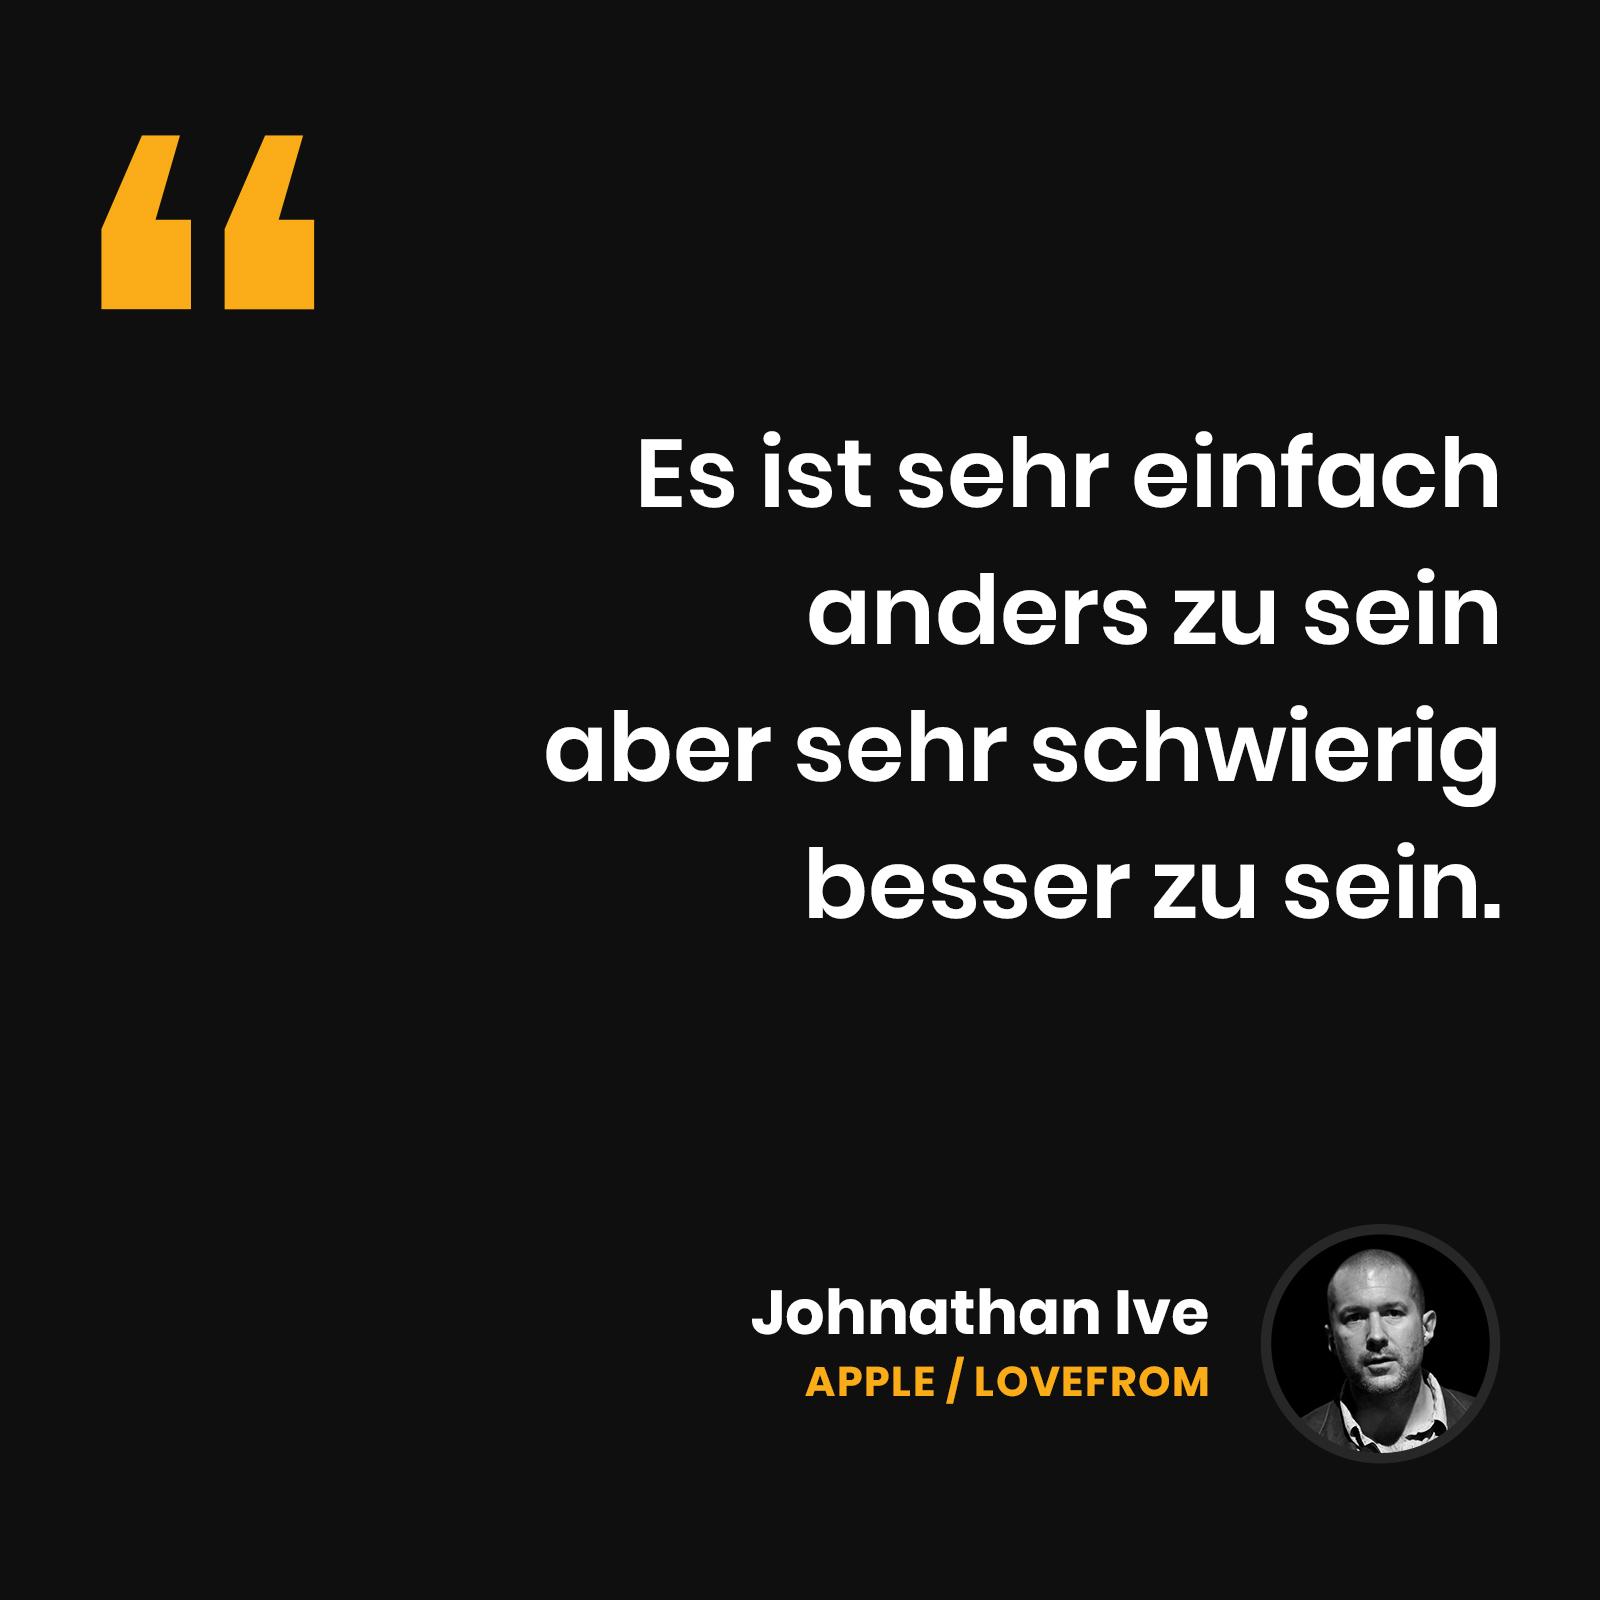 John Ive - Es ist sehr einfach anders zu sein